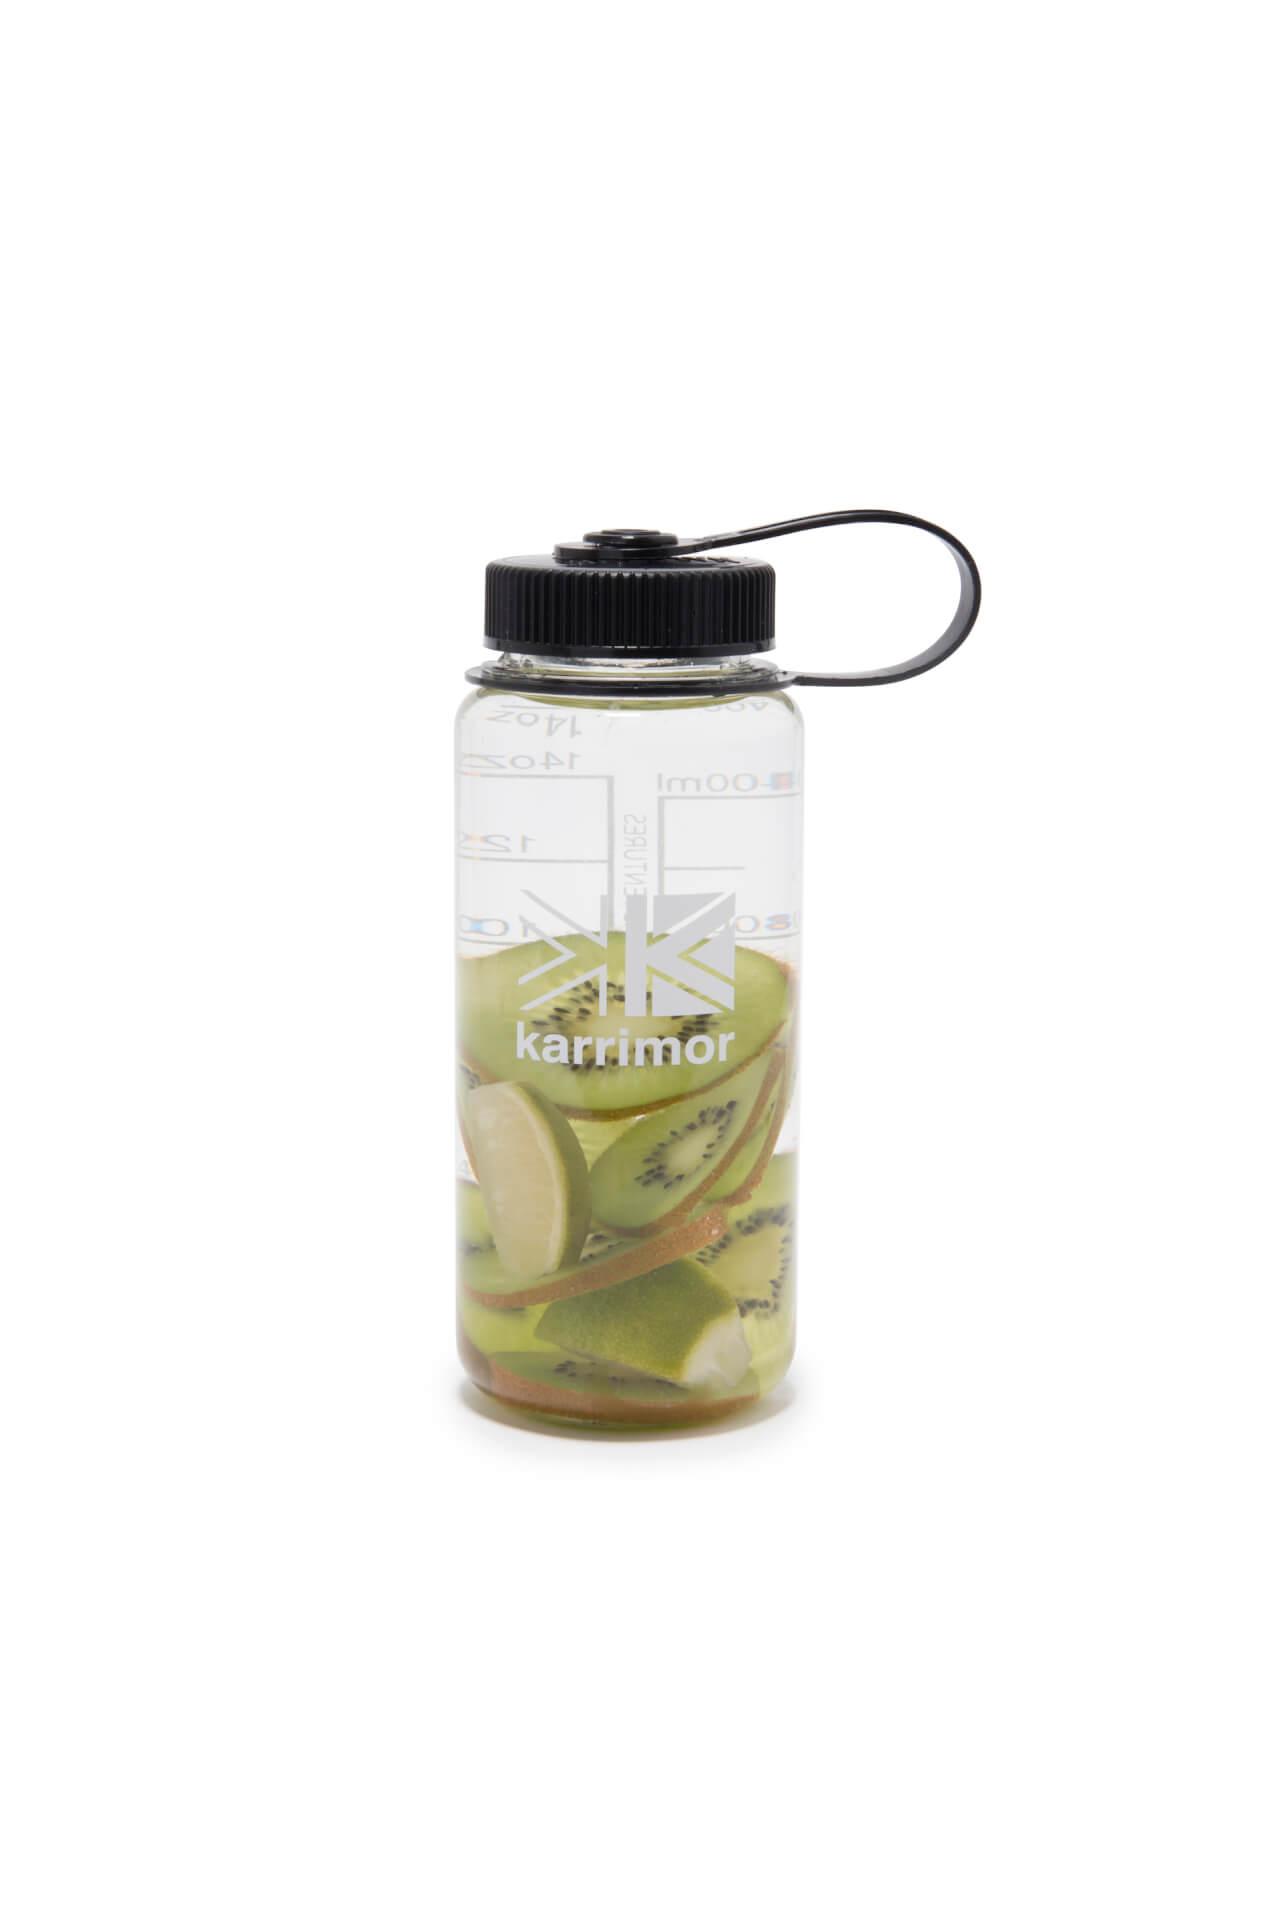 カリマーが無料給水サービスにも利用できるボトルを発売!Nalgenとのコラボアイテム life210601_karrimor_bottle_8